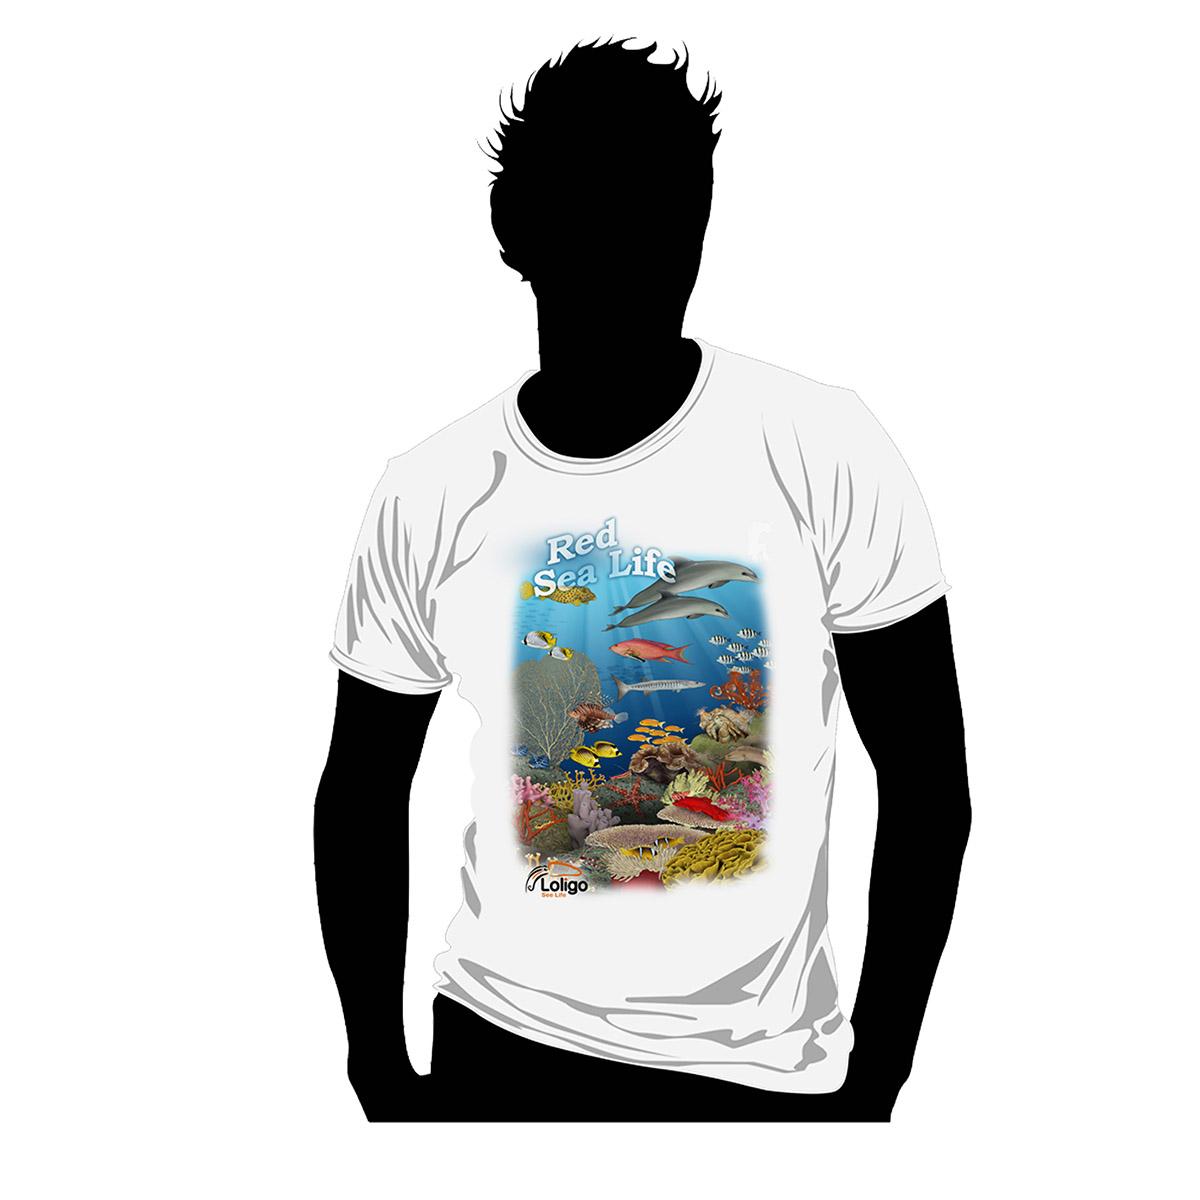 שלישיית חולצות לוליגו